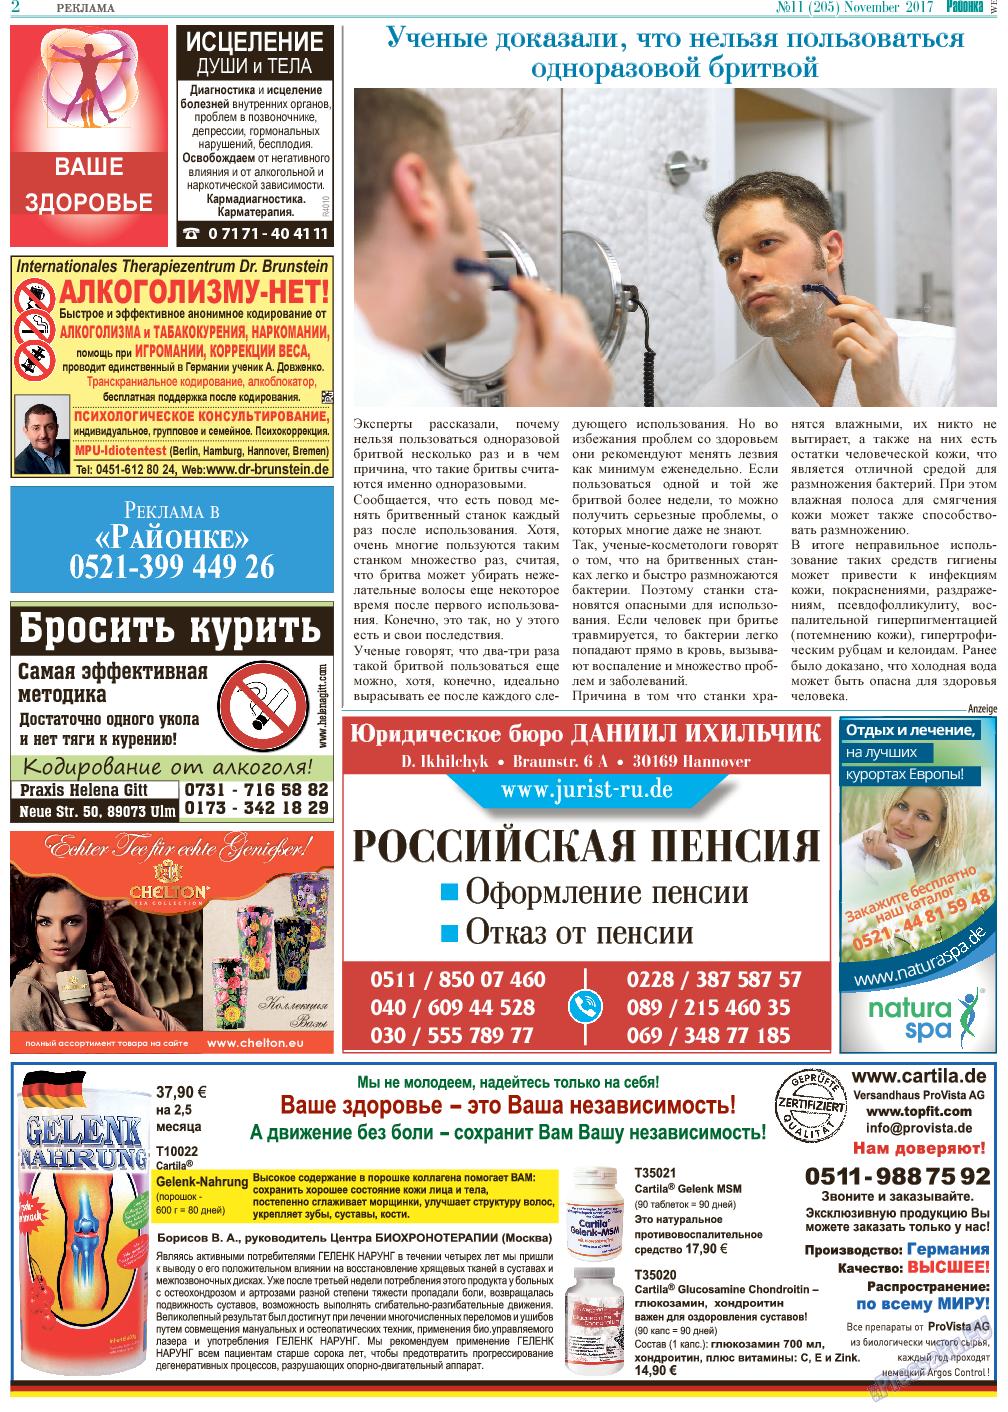 Районка-West (газета). 2017 год, номер 11, стр. 2